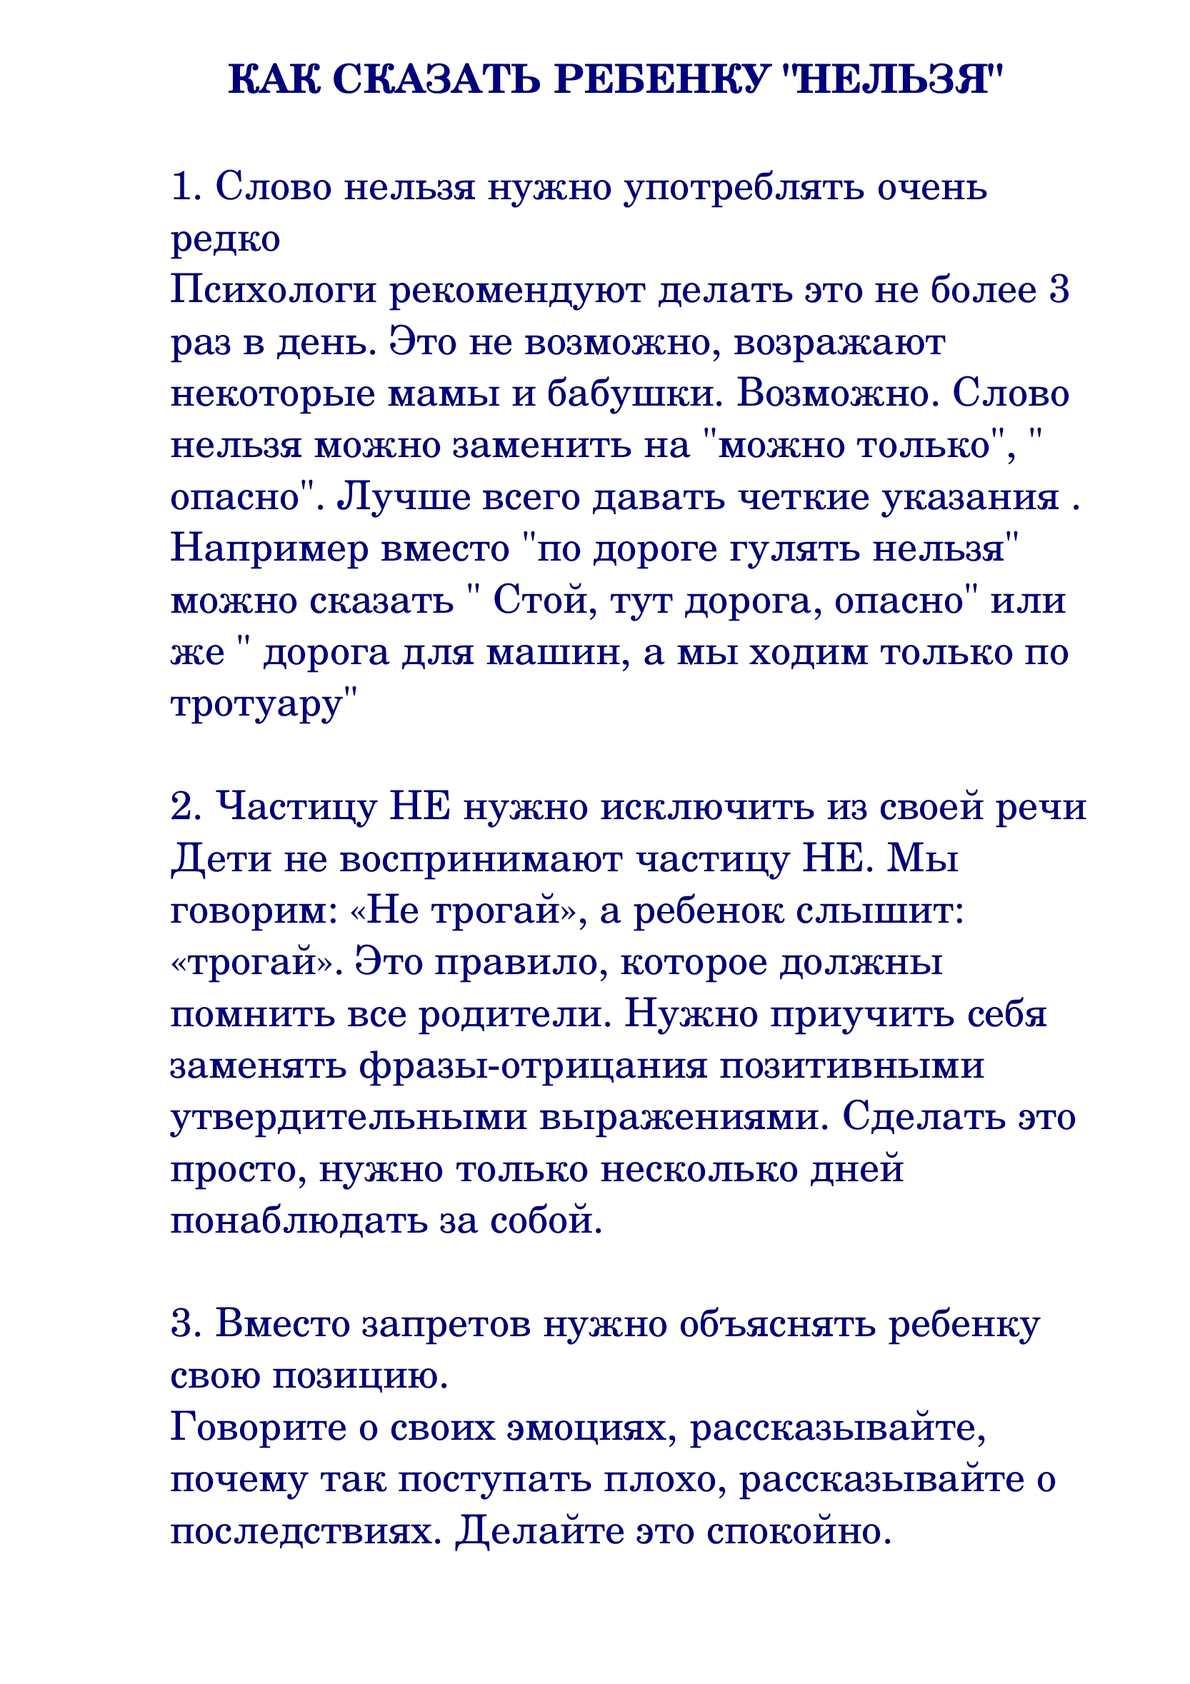 Как сказать «нет» ребенку: 7 полезных советов - мапапама.ру — сайт для будущих и молодых родителей: беременность и роды, уход и воспитание детей до 3-х лет